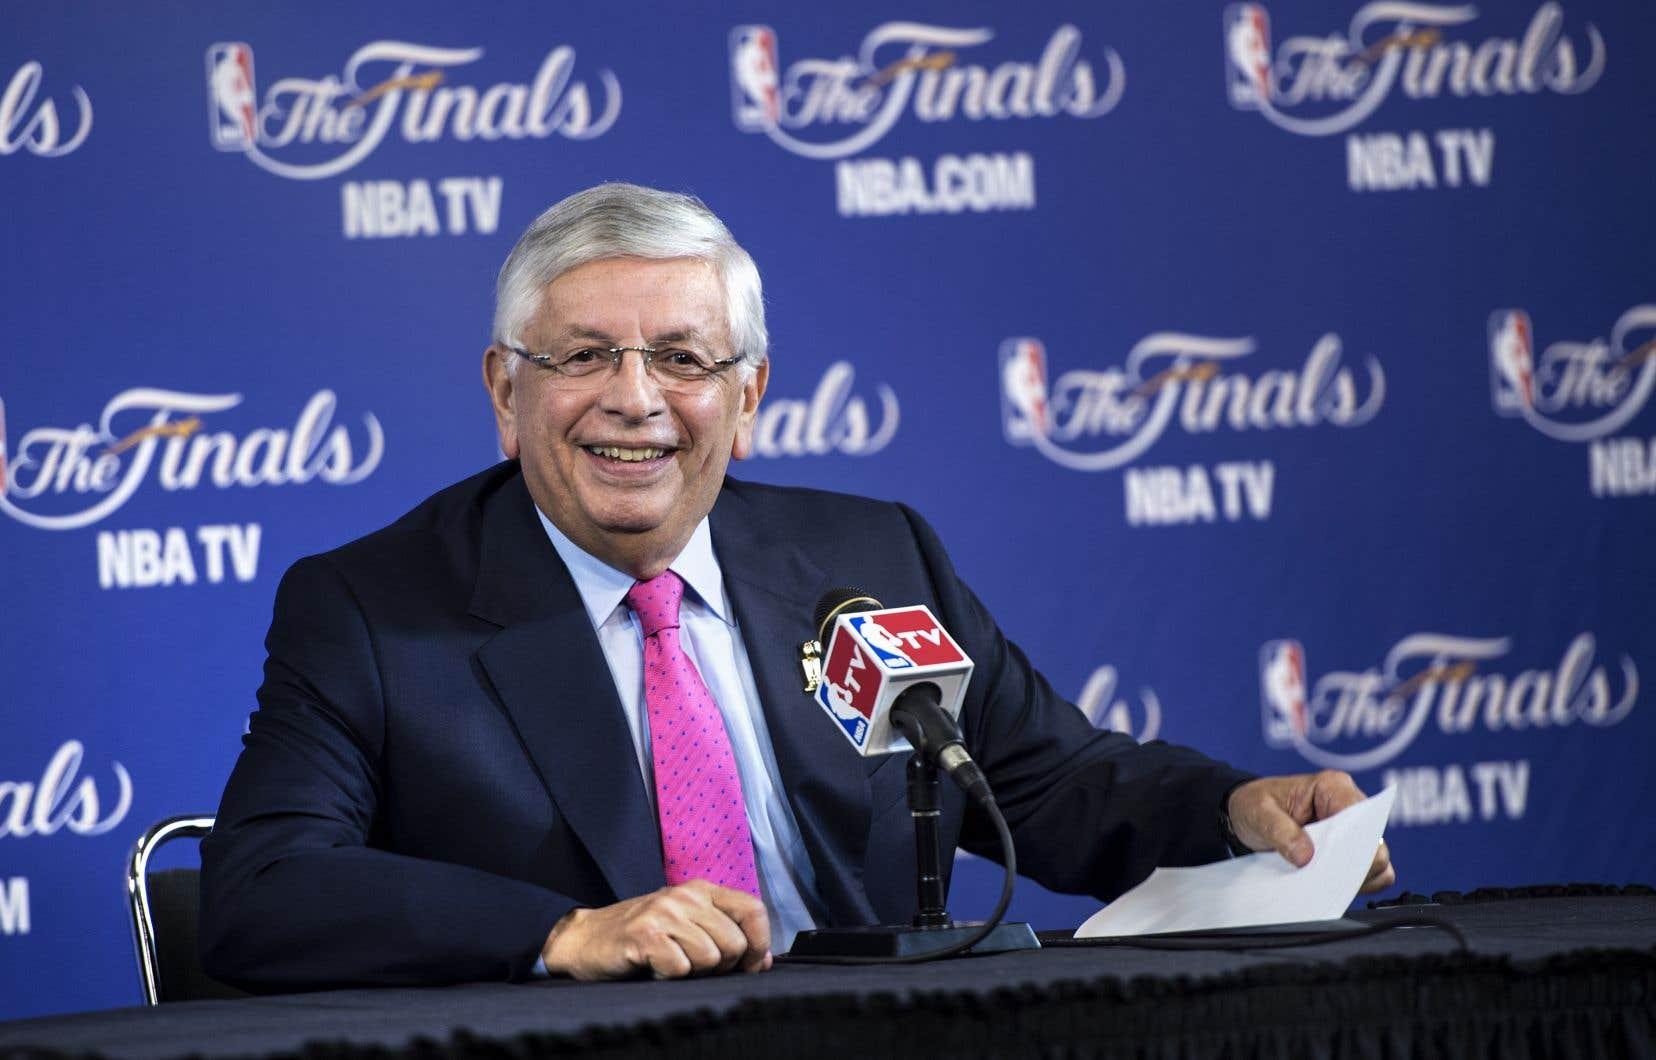 Au cours de ses 30 années de règne, assuré d'une main de fer dans un gant de velours, David Stern a transformé la NBA en une marque mondiale.